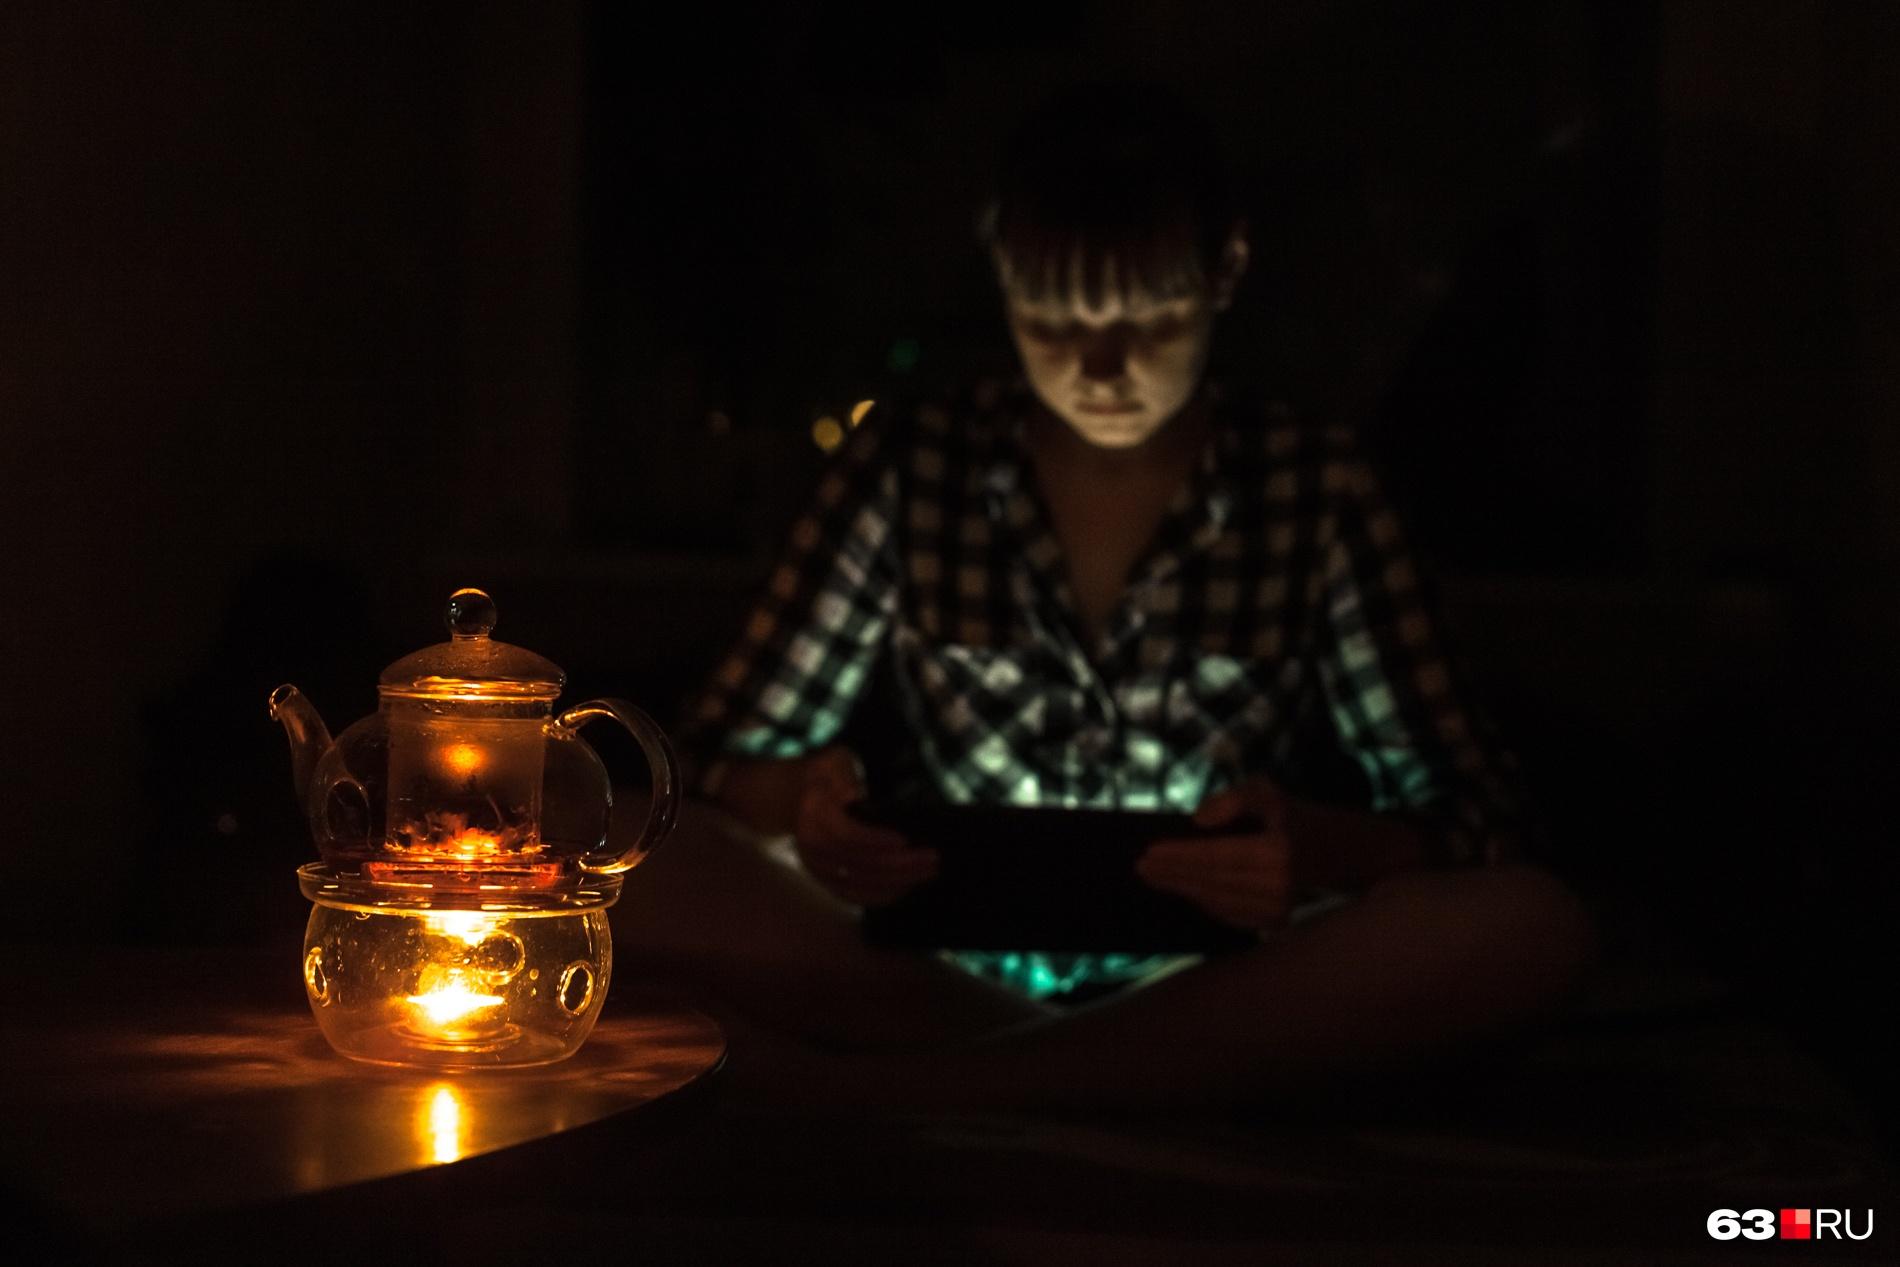 Гаджеты требуют много энергии, поэтому заряжать их лучше ночью